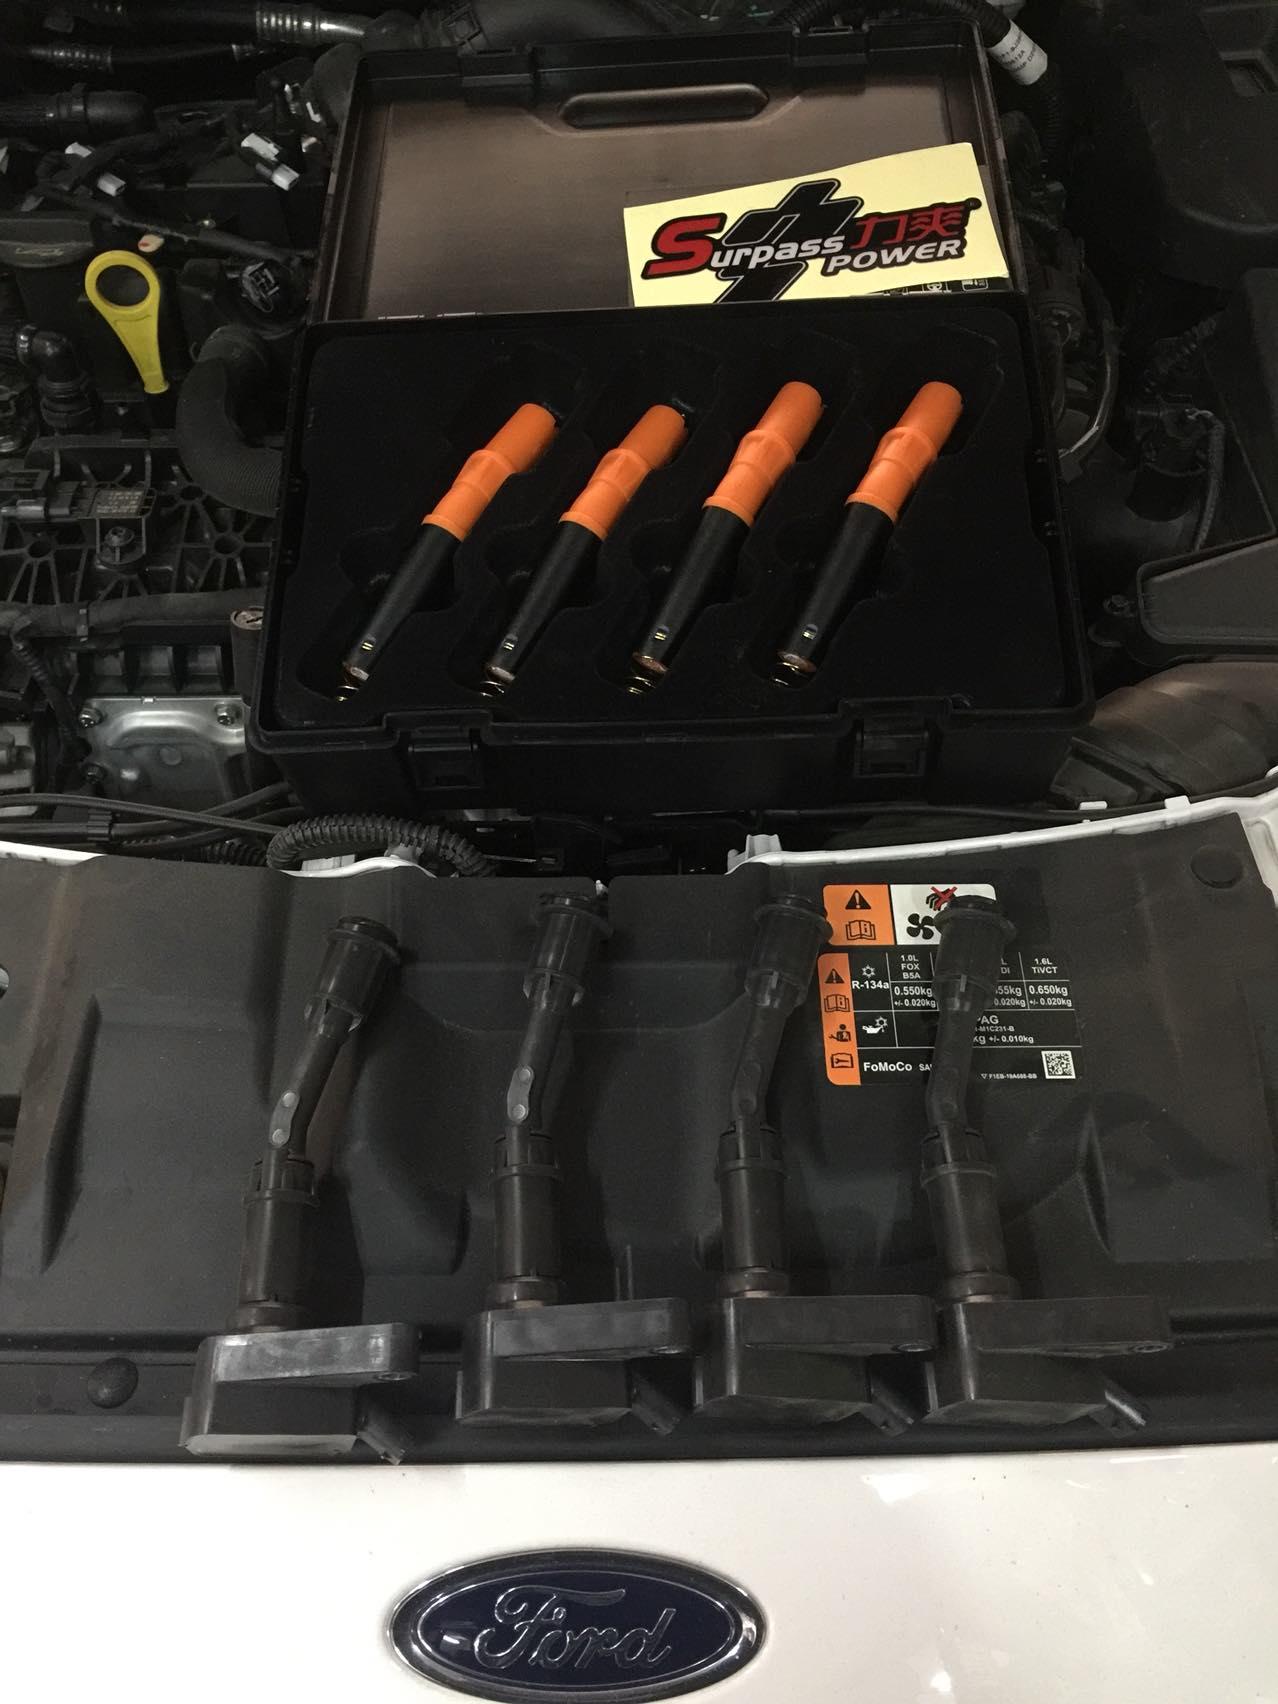 新福克斯1.5T升级力爽增强点火组件!